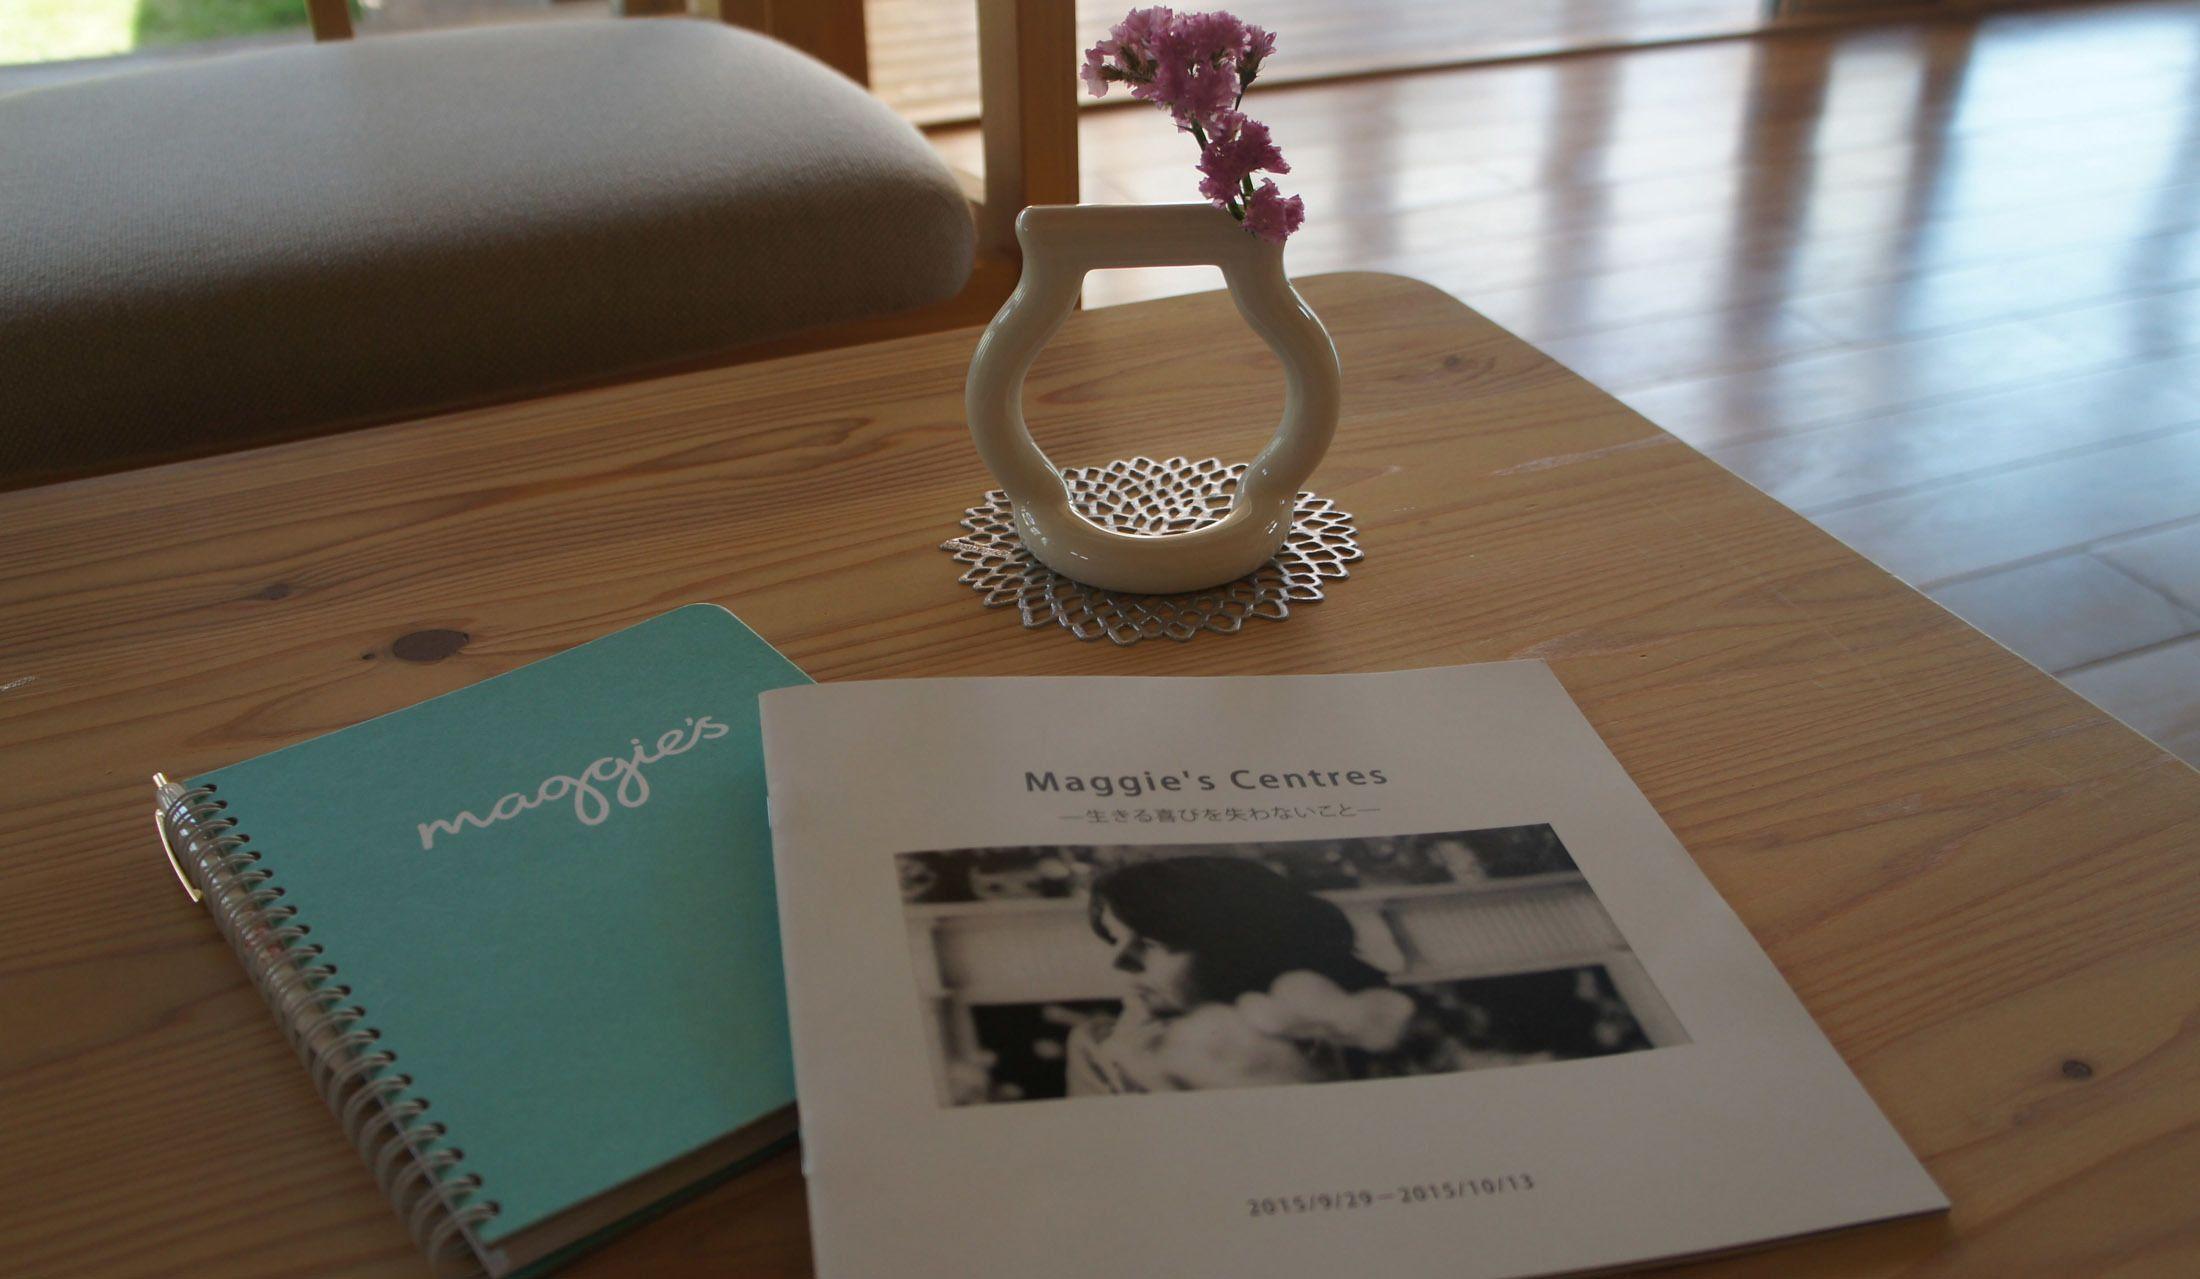 マギーズセンターの机と、その上に置かれたパンフレット